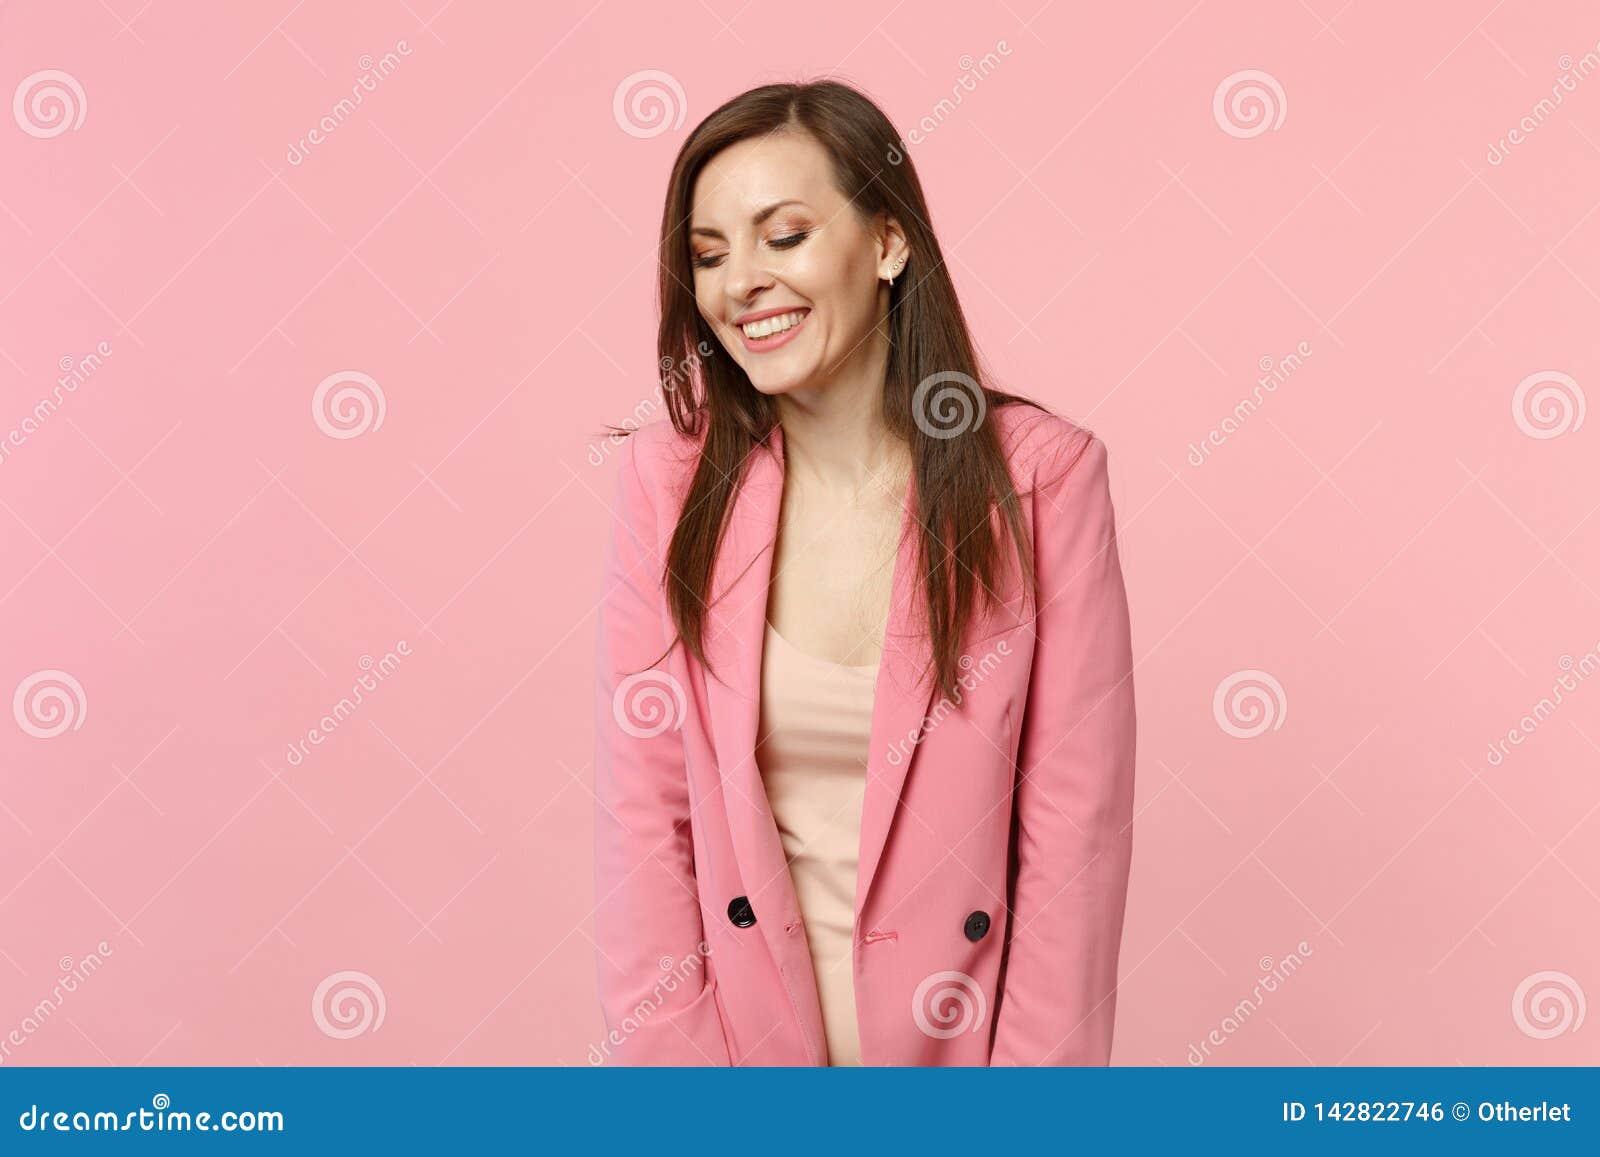 保持眼睛的有吸引力的俏丽的笑的年轻女人佩带的夹克画象闭上隔绝在粉红彩笔墙壁上